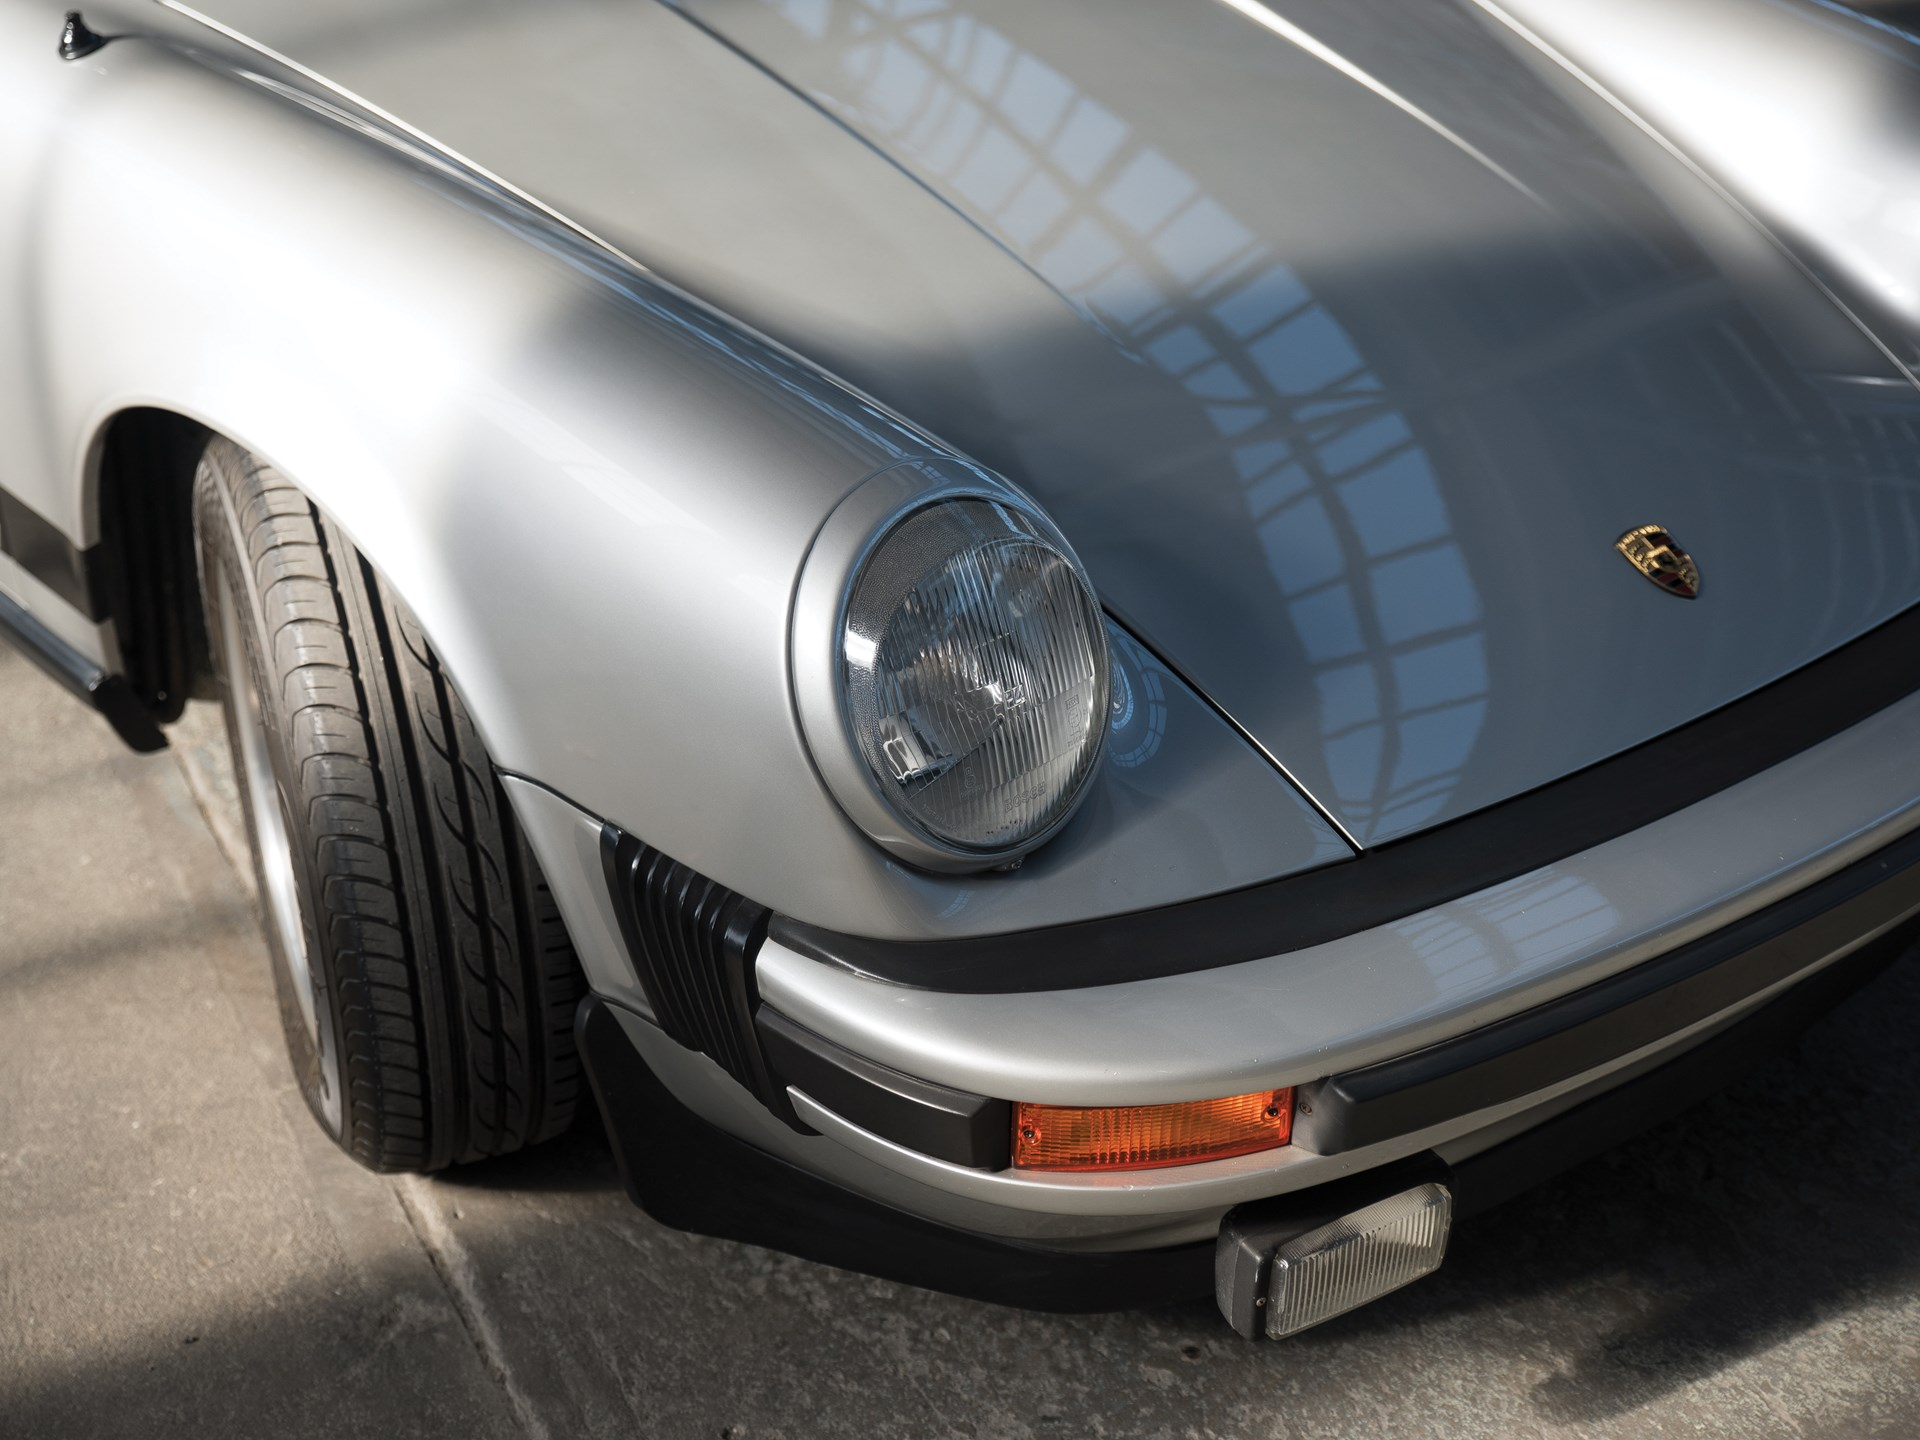 1974 Porsche 911 Carrera 2.7 MFI